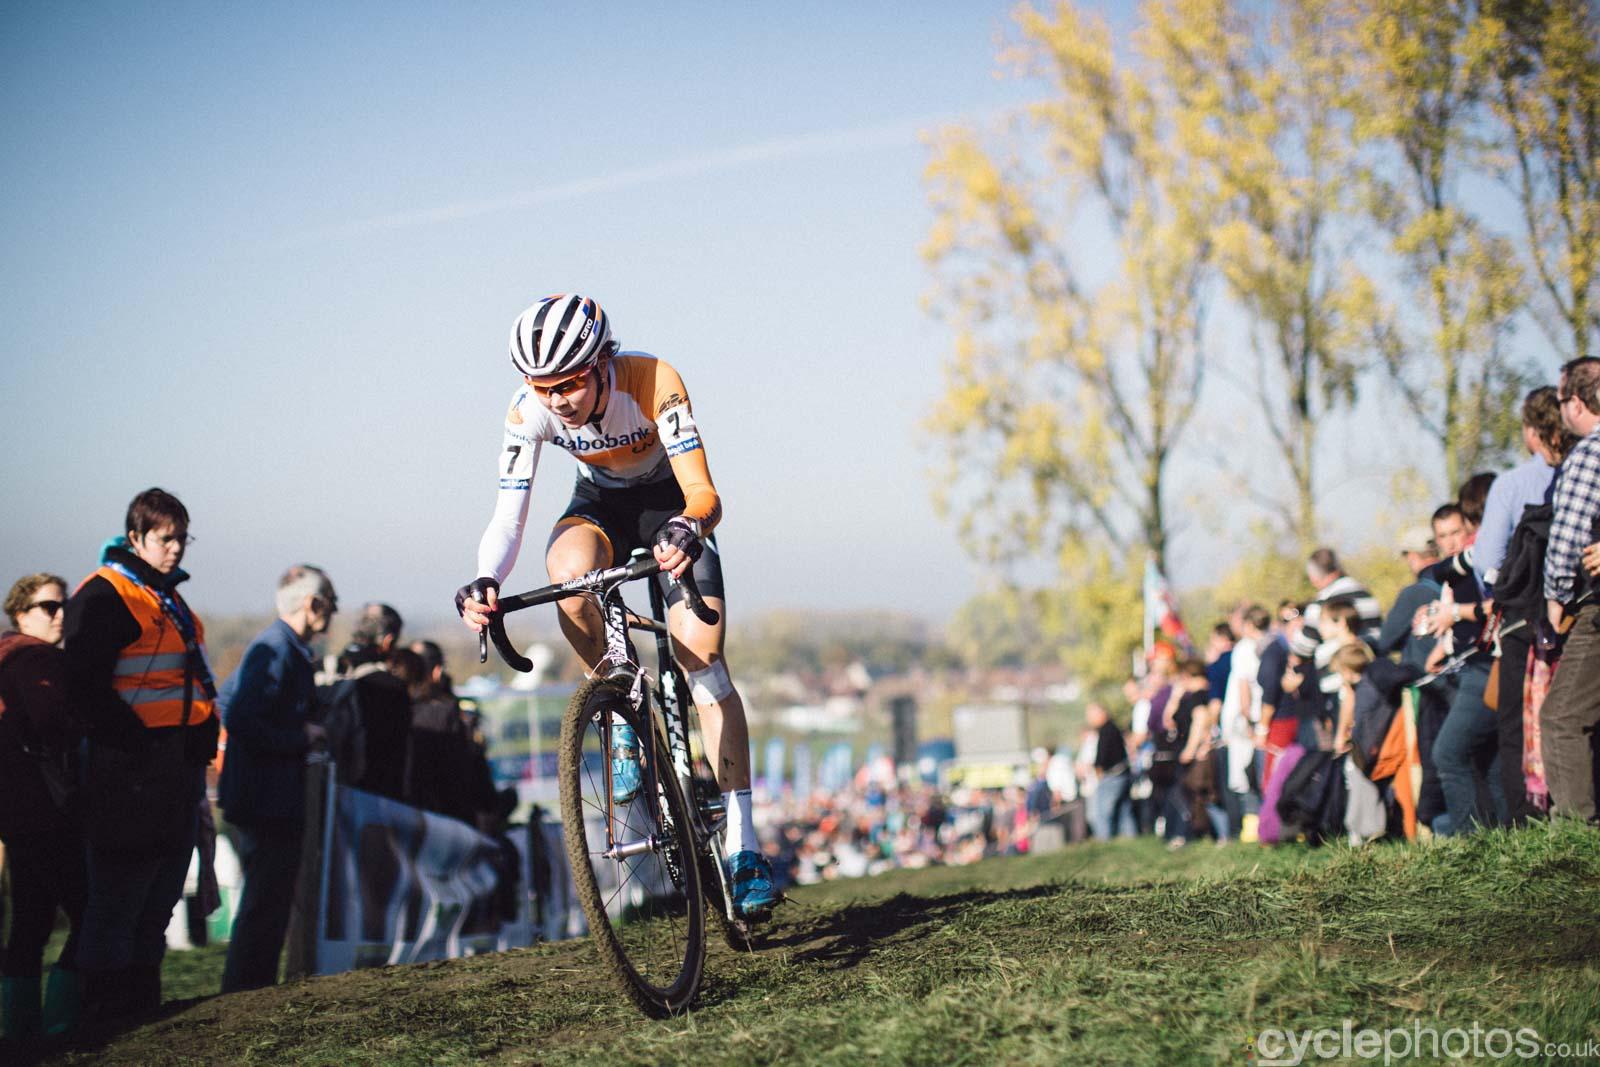 2015-cyclephotos-cyclocross-koppenberg-145615-thalita-de-jong